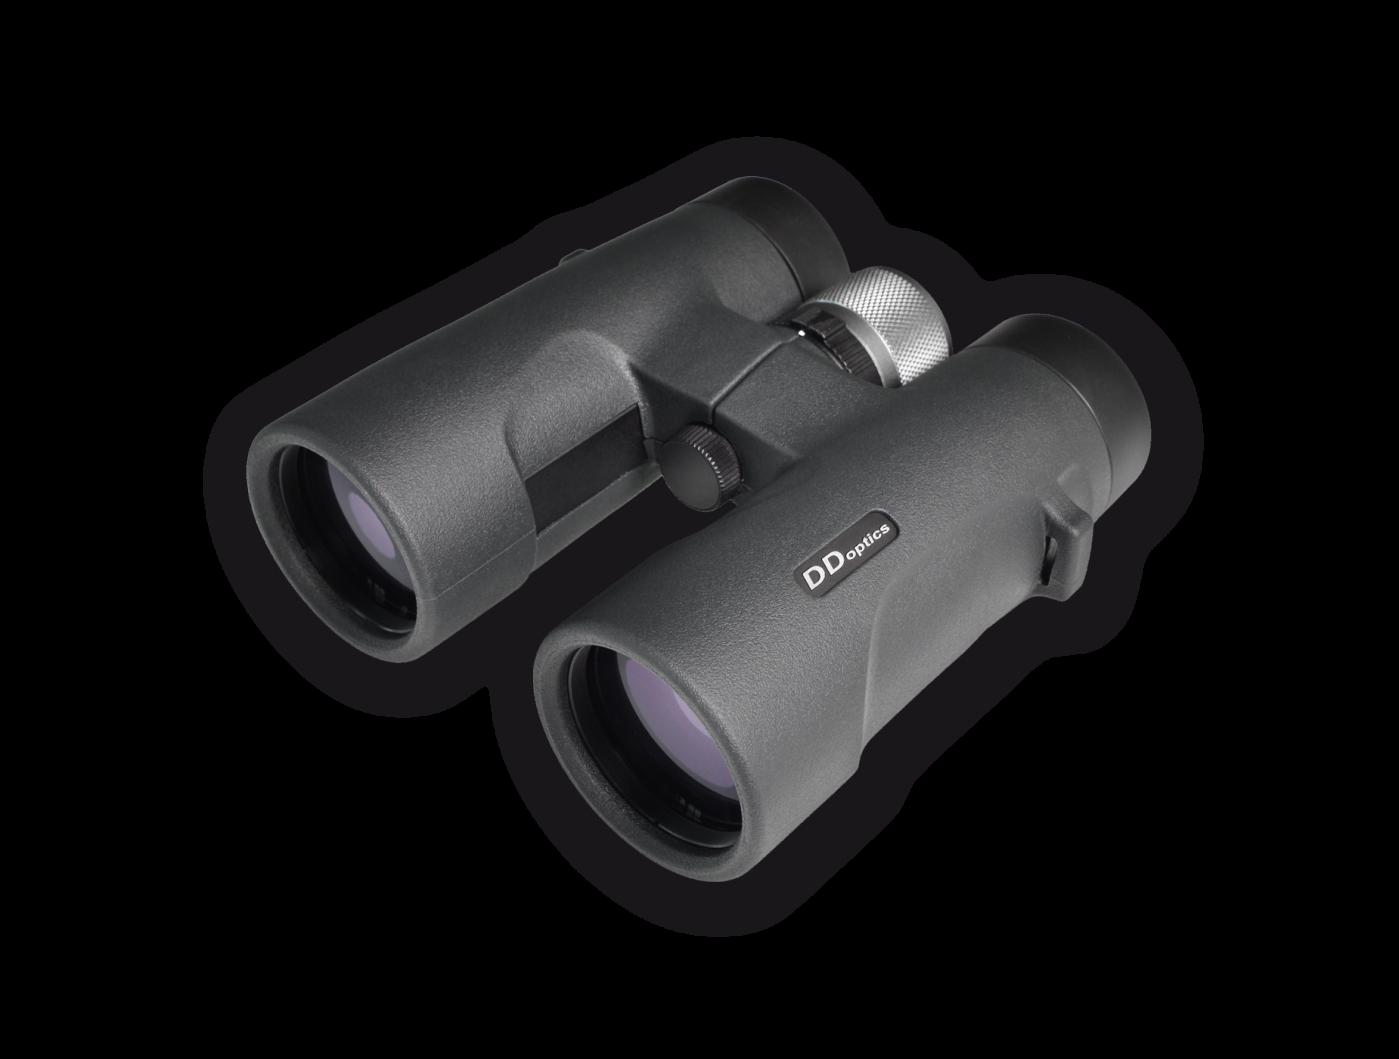 Zeiss Fernglas Mit Entfernungsmesser 10x56 : Ddoptics fernglas pirschler gen magnesium